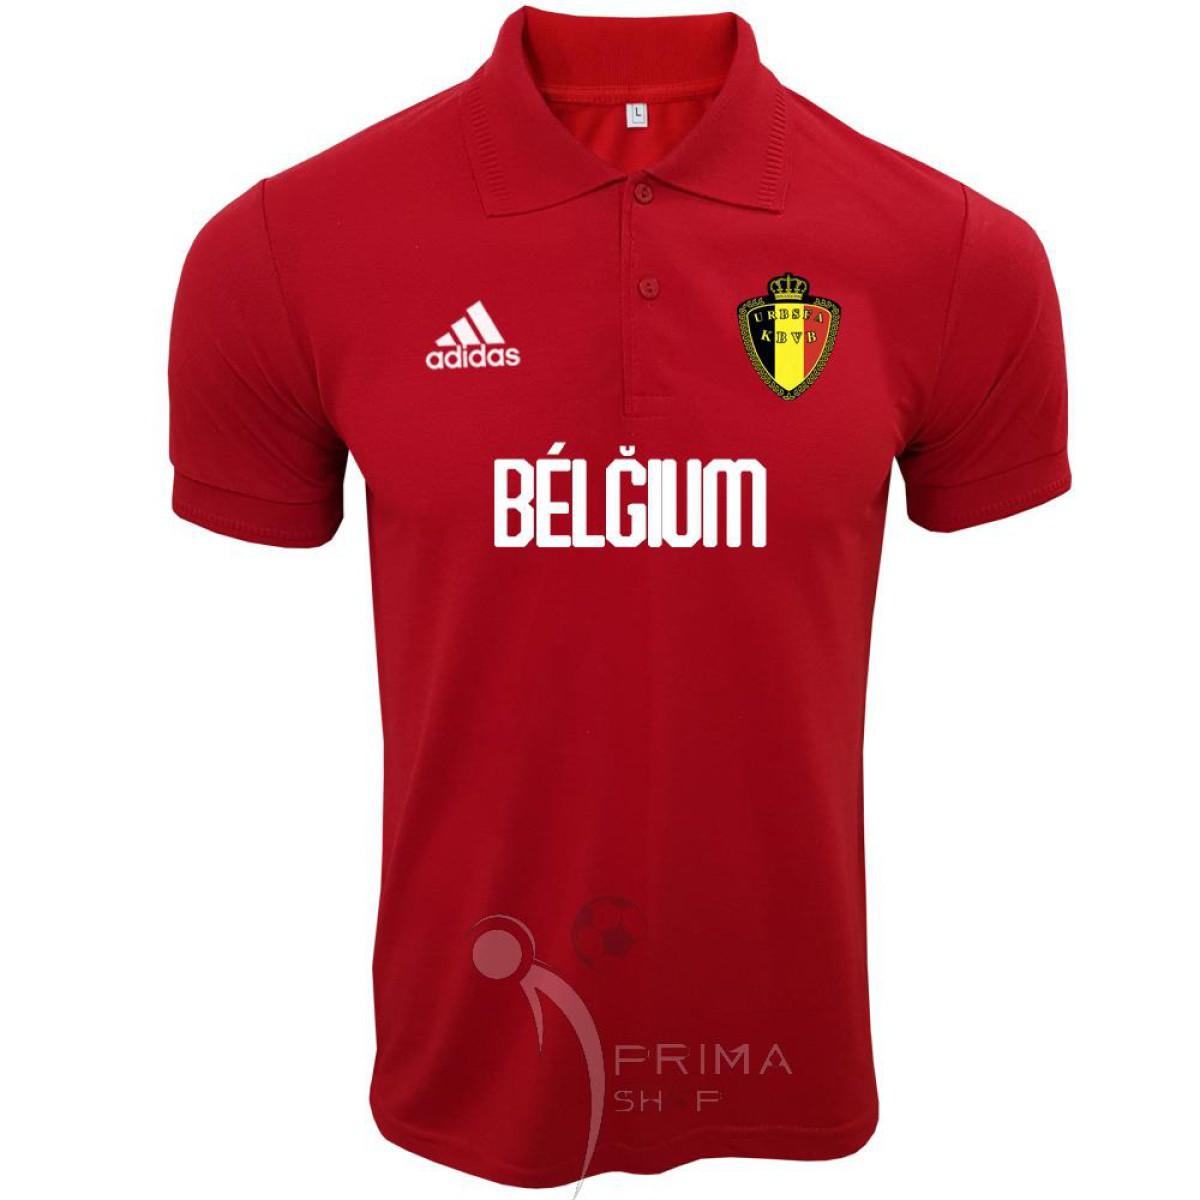 پیراهن هتلی بلژیک قرمز با اسپانسر